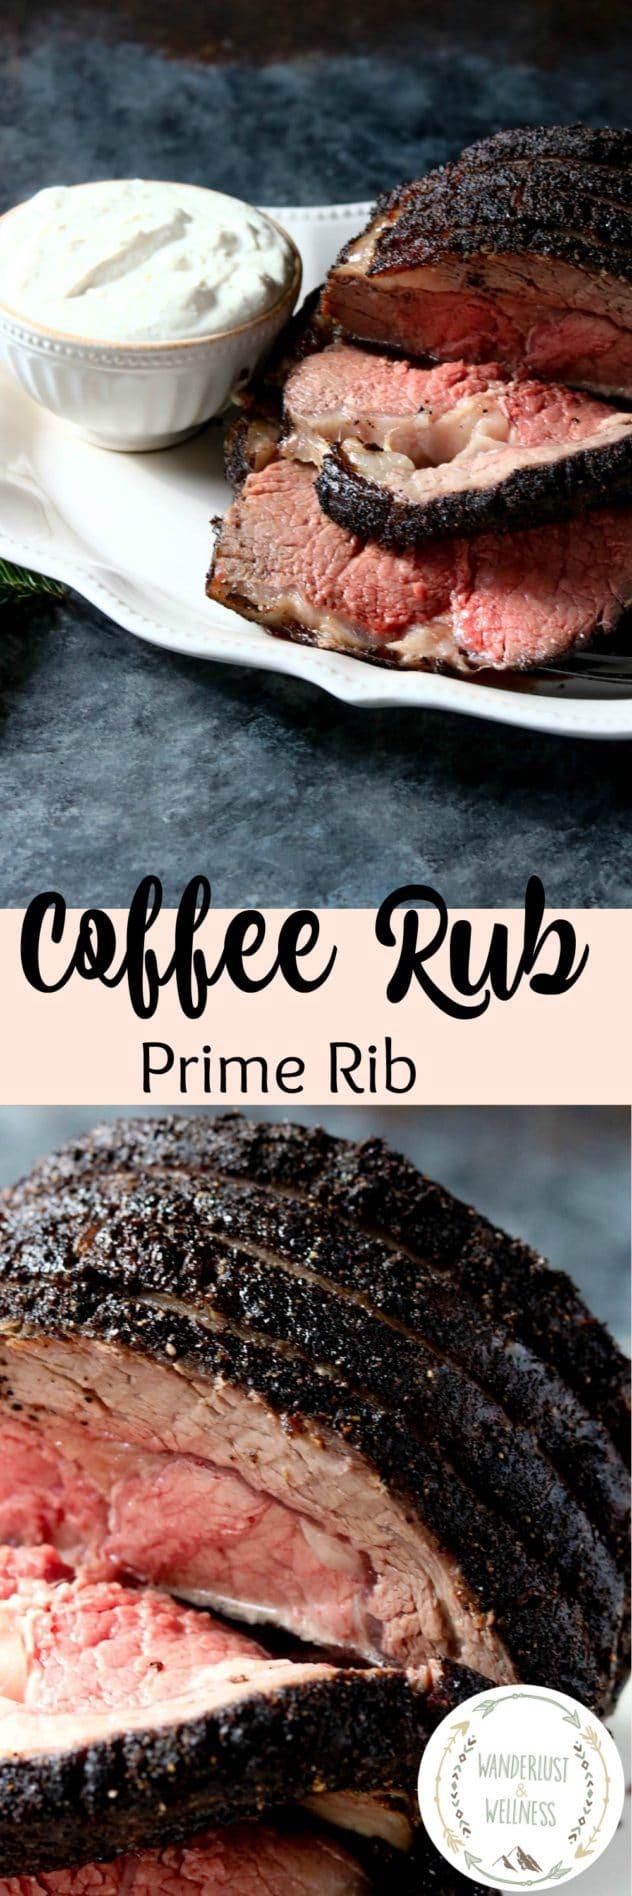 Coffee Rub Prime Rib